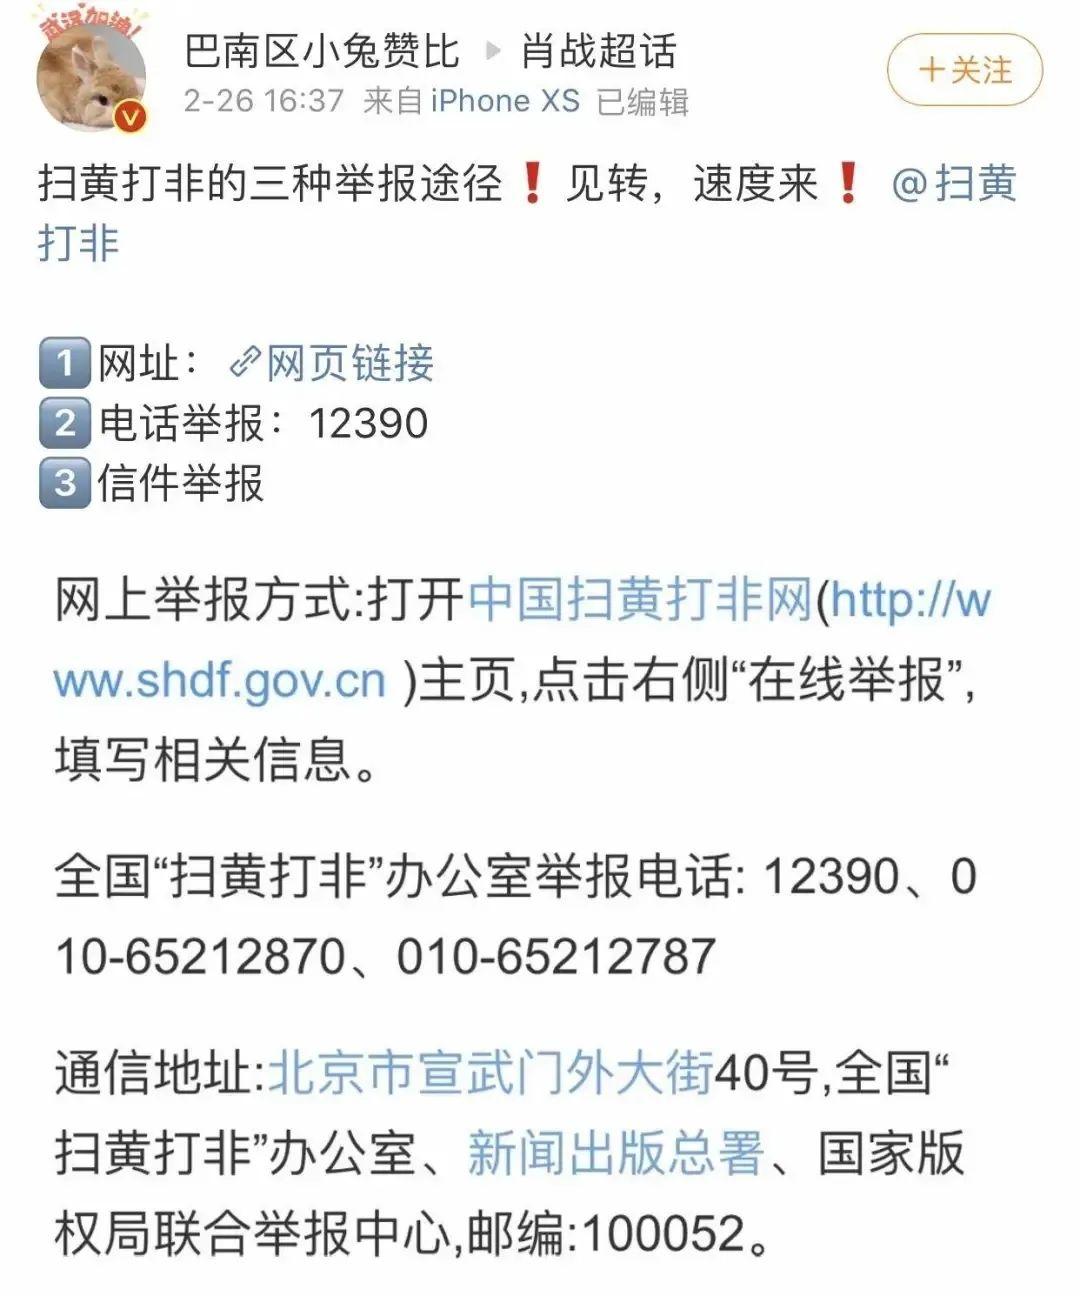 肖战227事件始末 肖战为什么被抵制?肖战事件背后的中国式流量生意